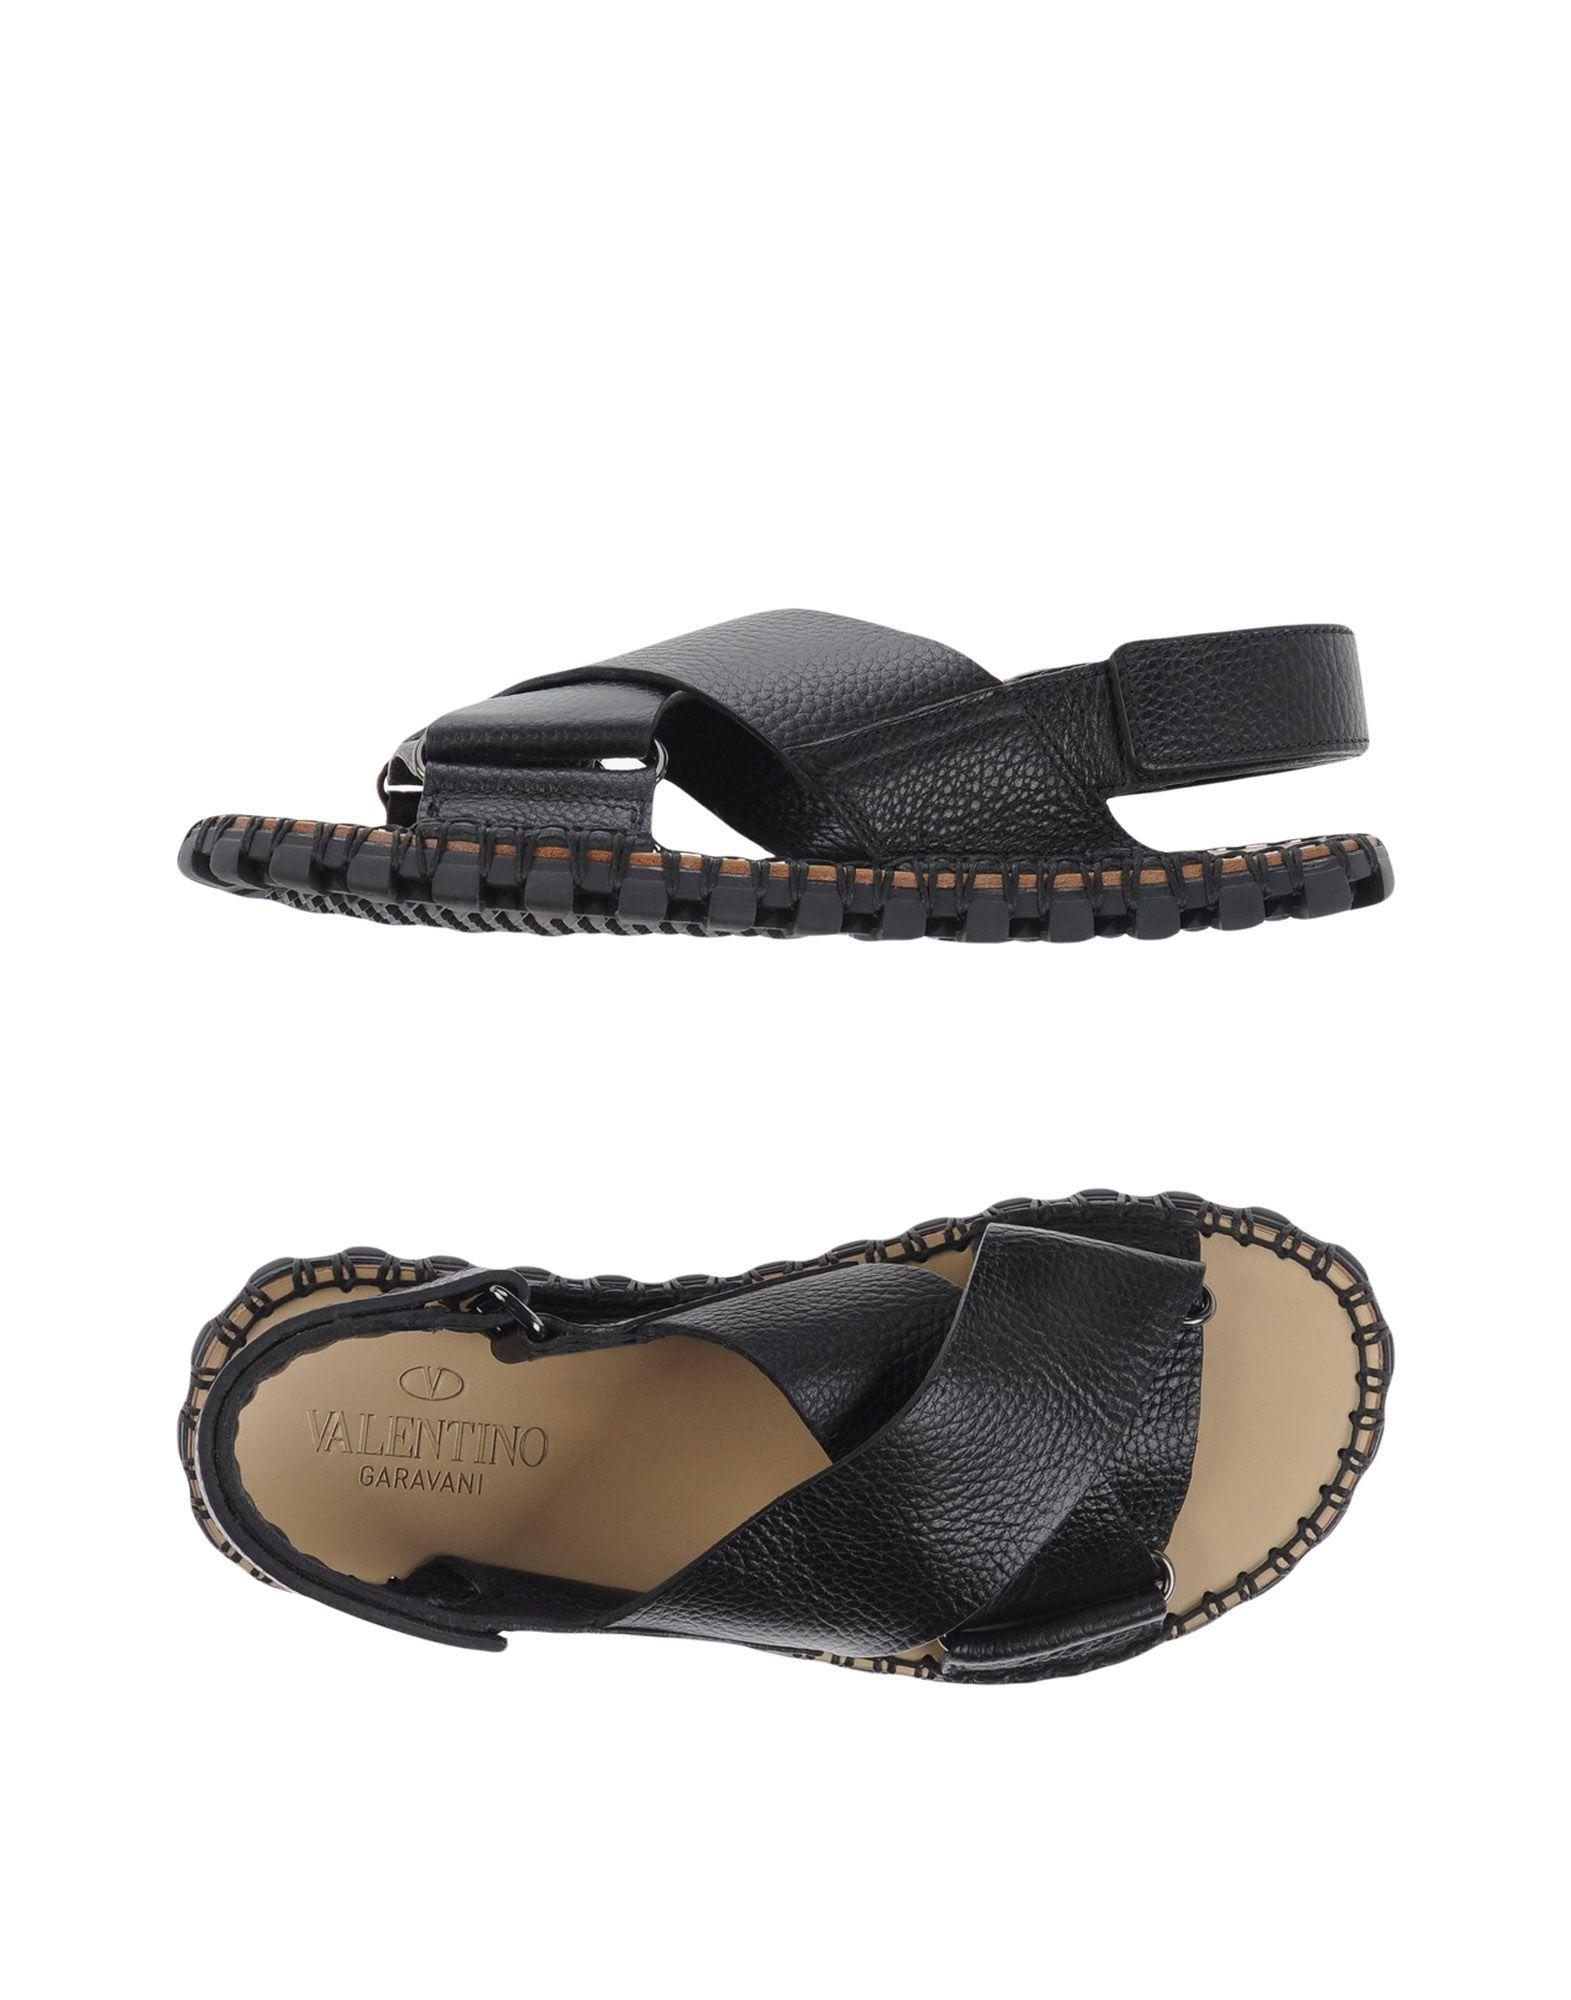 Valentino Garavani Sandalen Herren  11151919TP Gute Qualität beliebte Schuhe